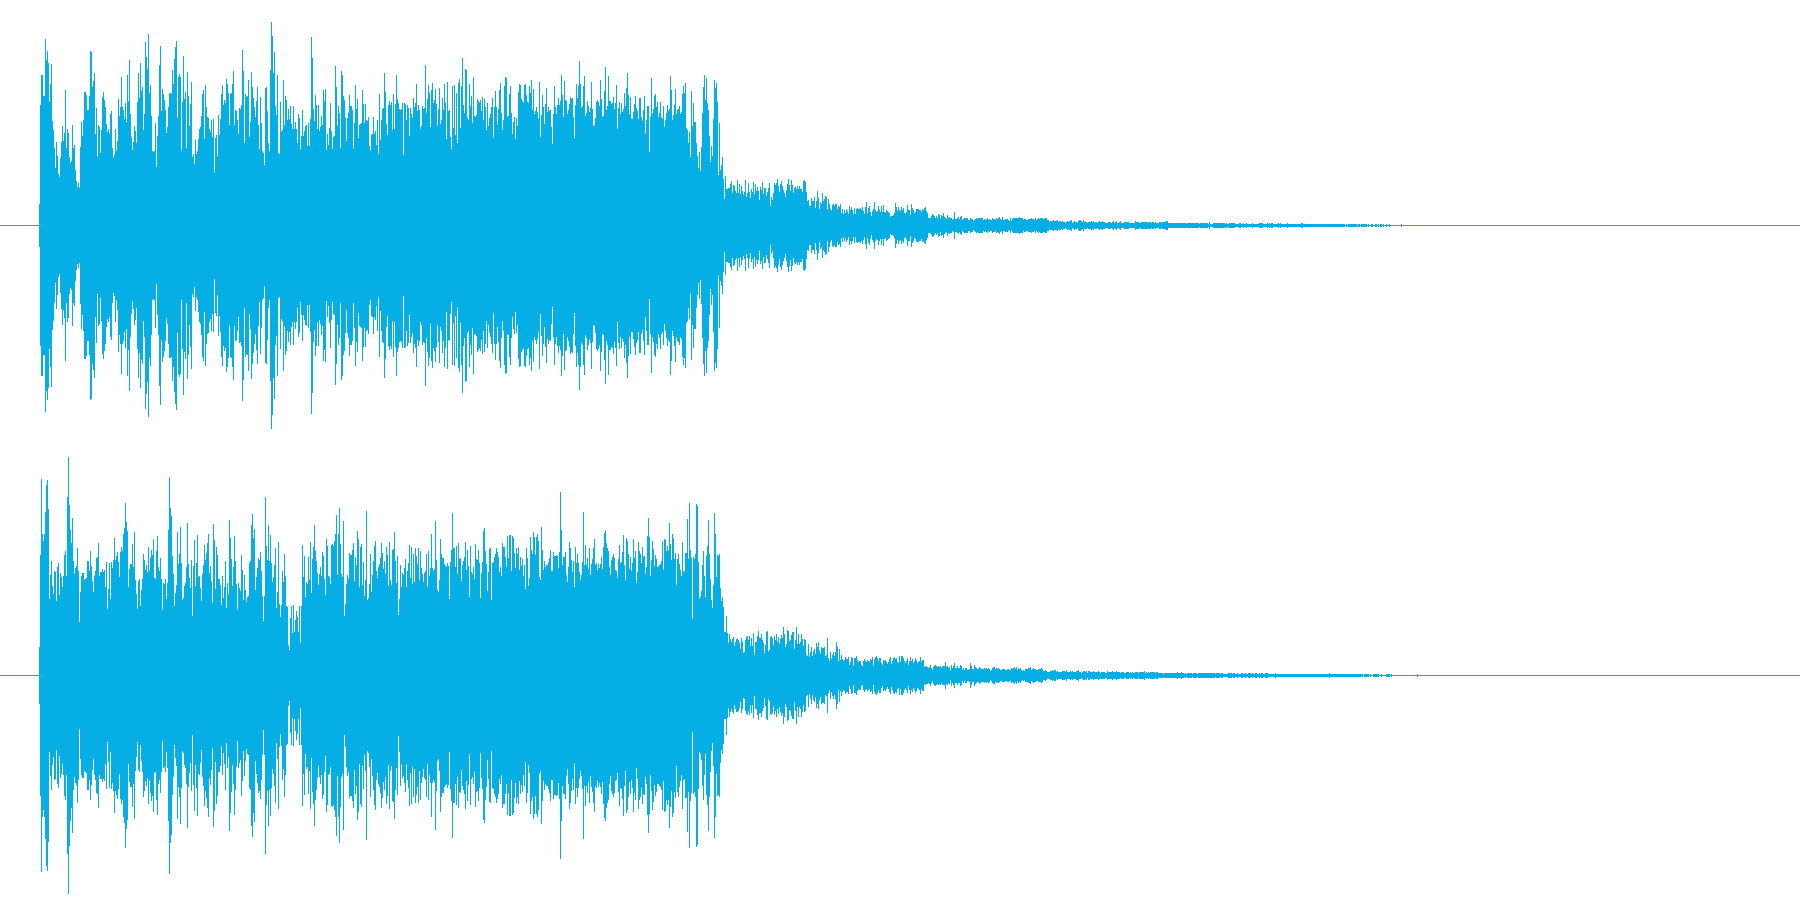 ビュルビュルビュルビュル(ビーム上昇音)の再生済みの波形